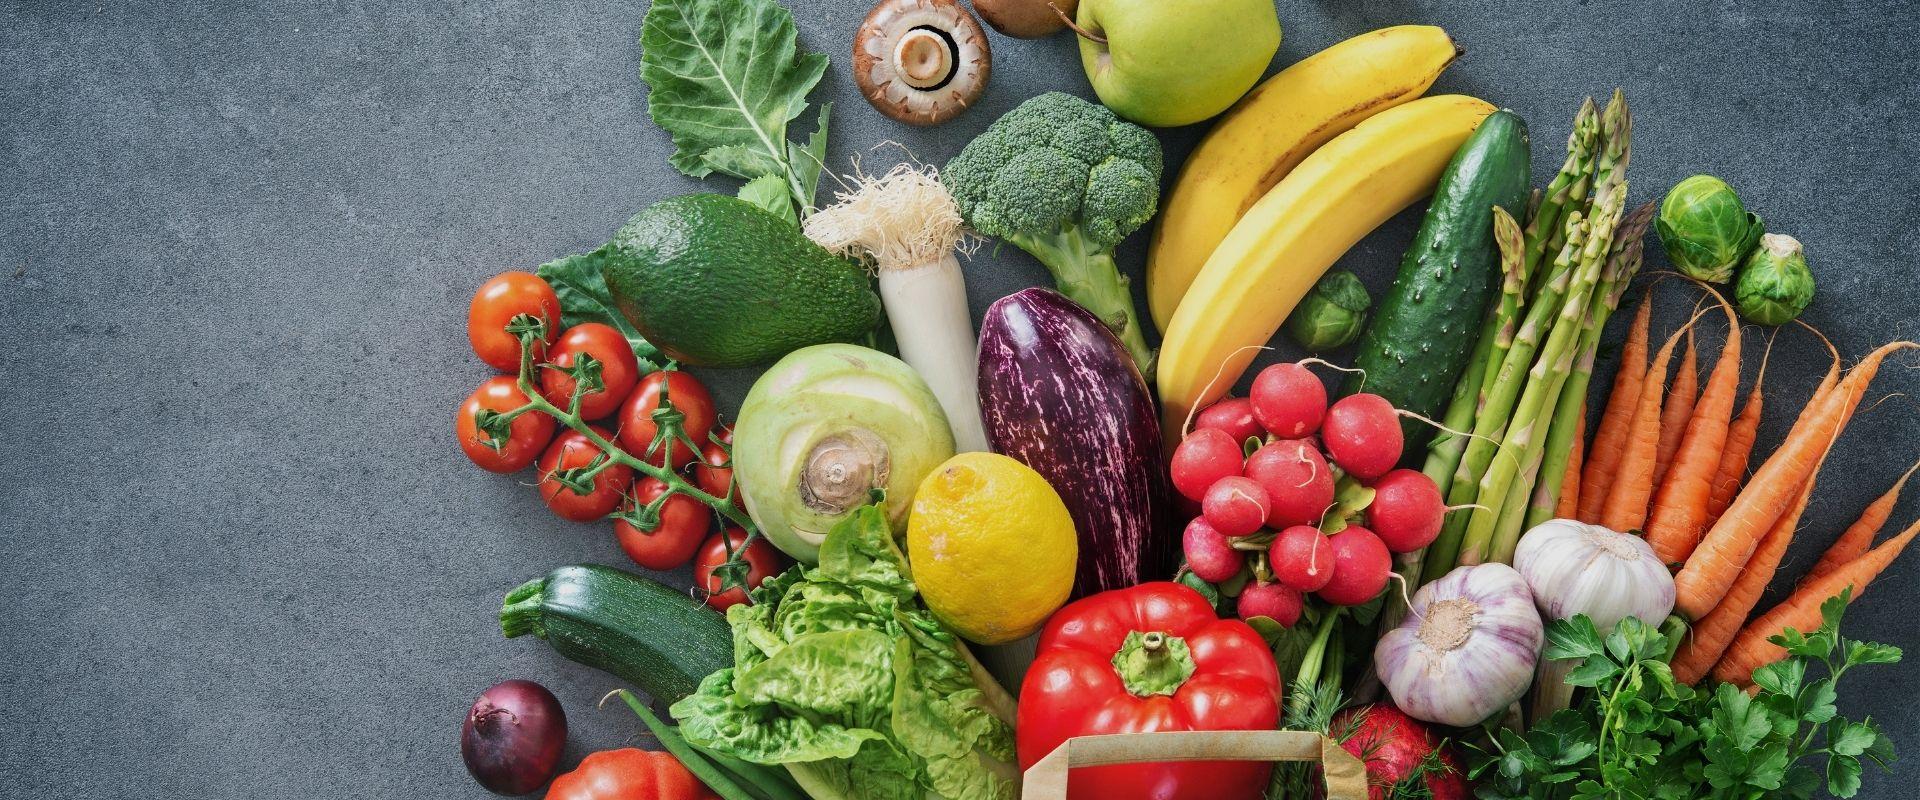 脱水蔬菜和蔬菜干有什么区别